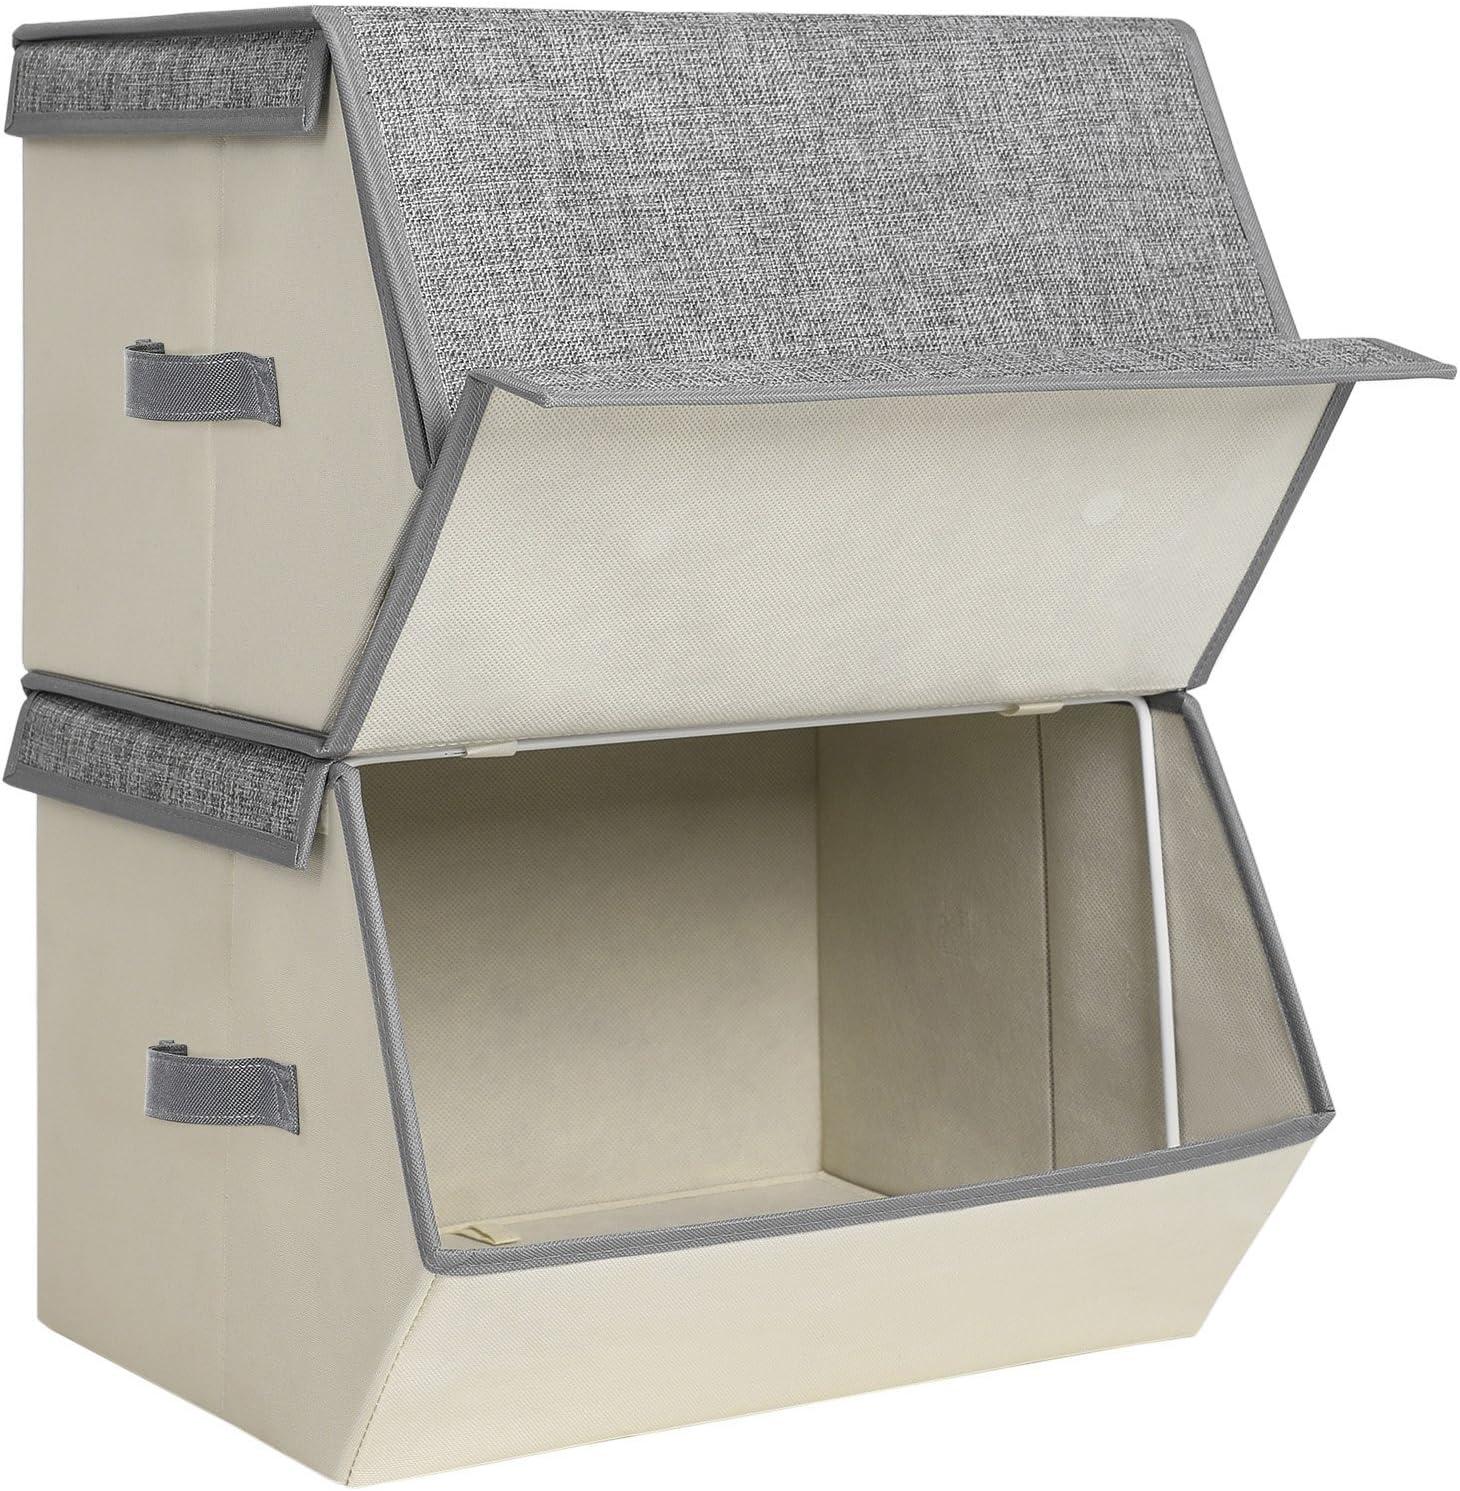 Songmics RLB02G - Juego de 2 cajas plegables para juguetes para niños, apilables, con cierre magnético y soporte de alambre de hierro, 38 x 25 x 35 cm, color gris, RLB02G, tela beige: Amazon.es: Hogar